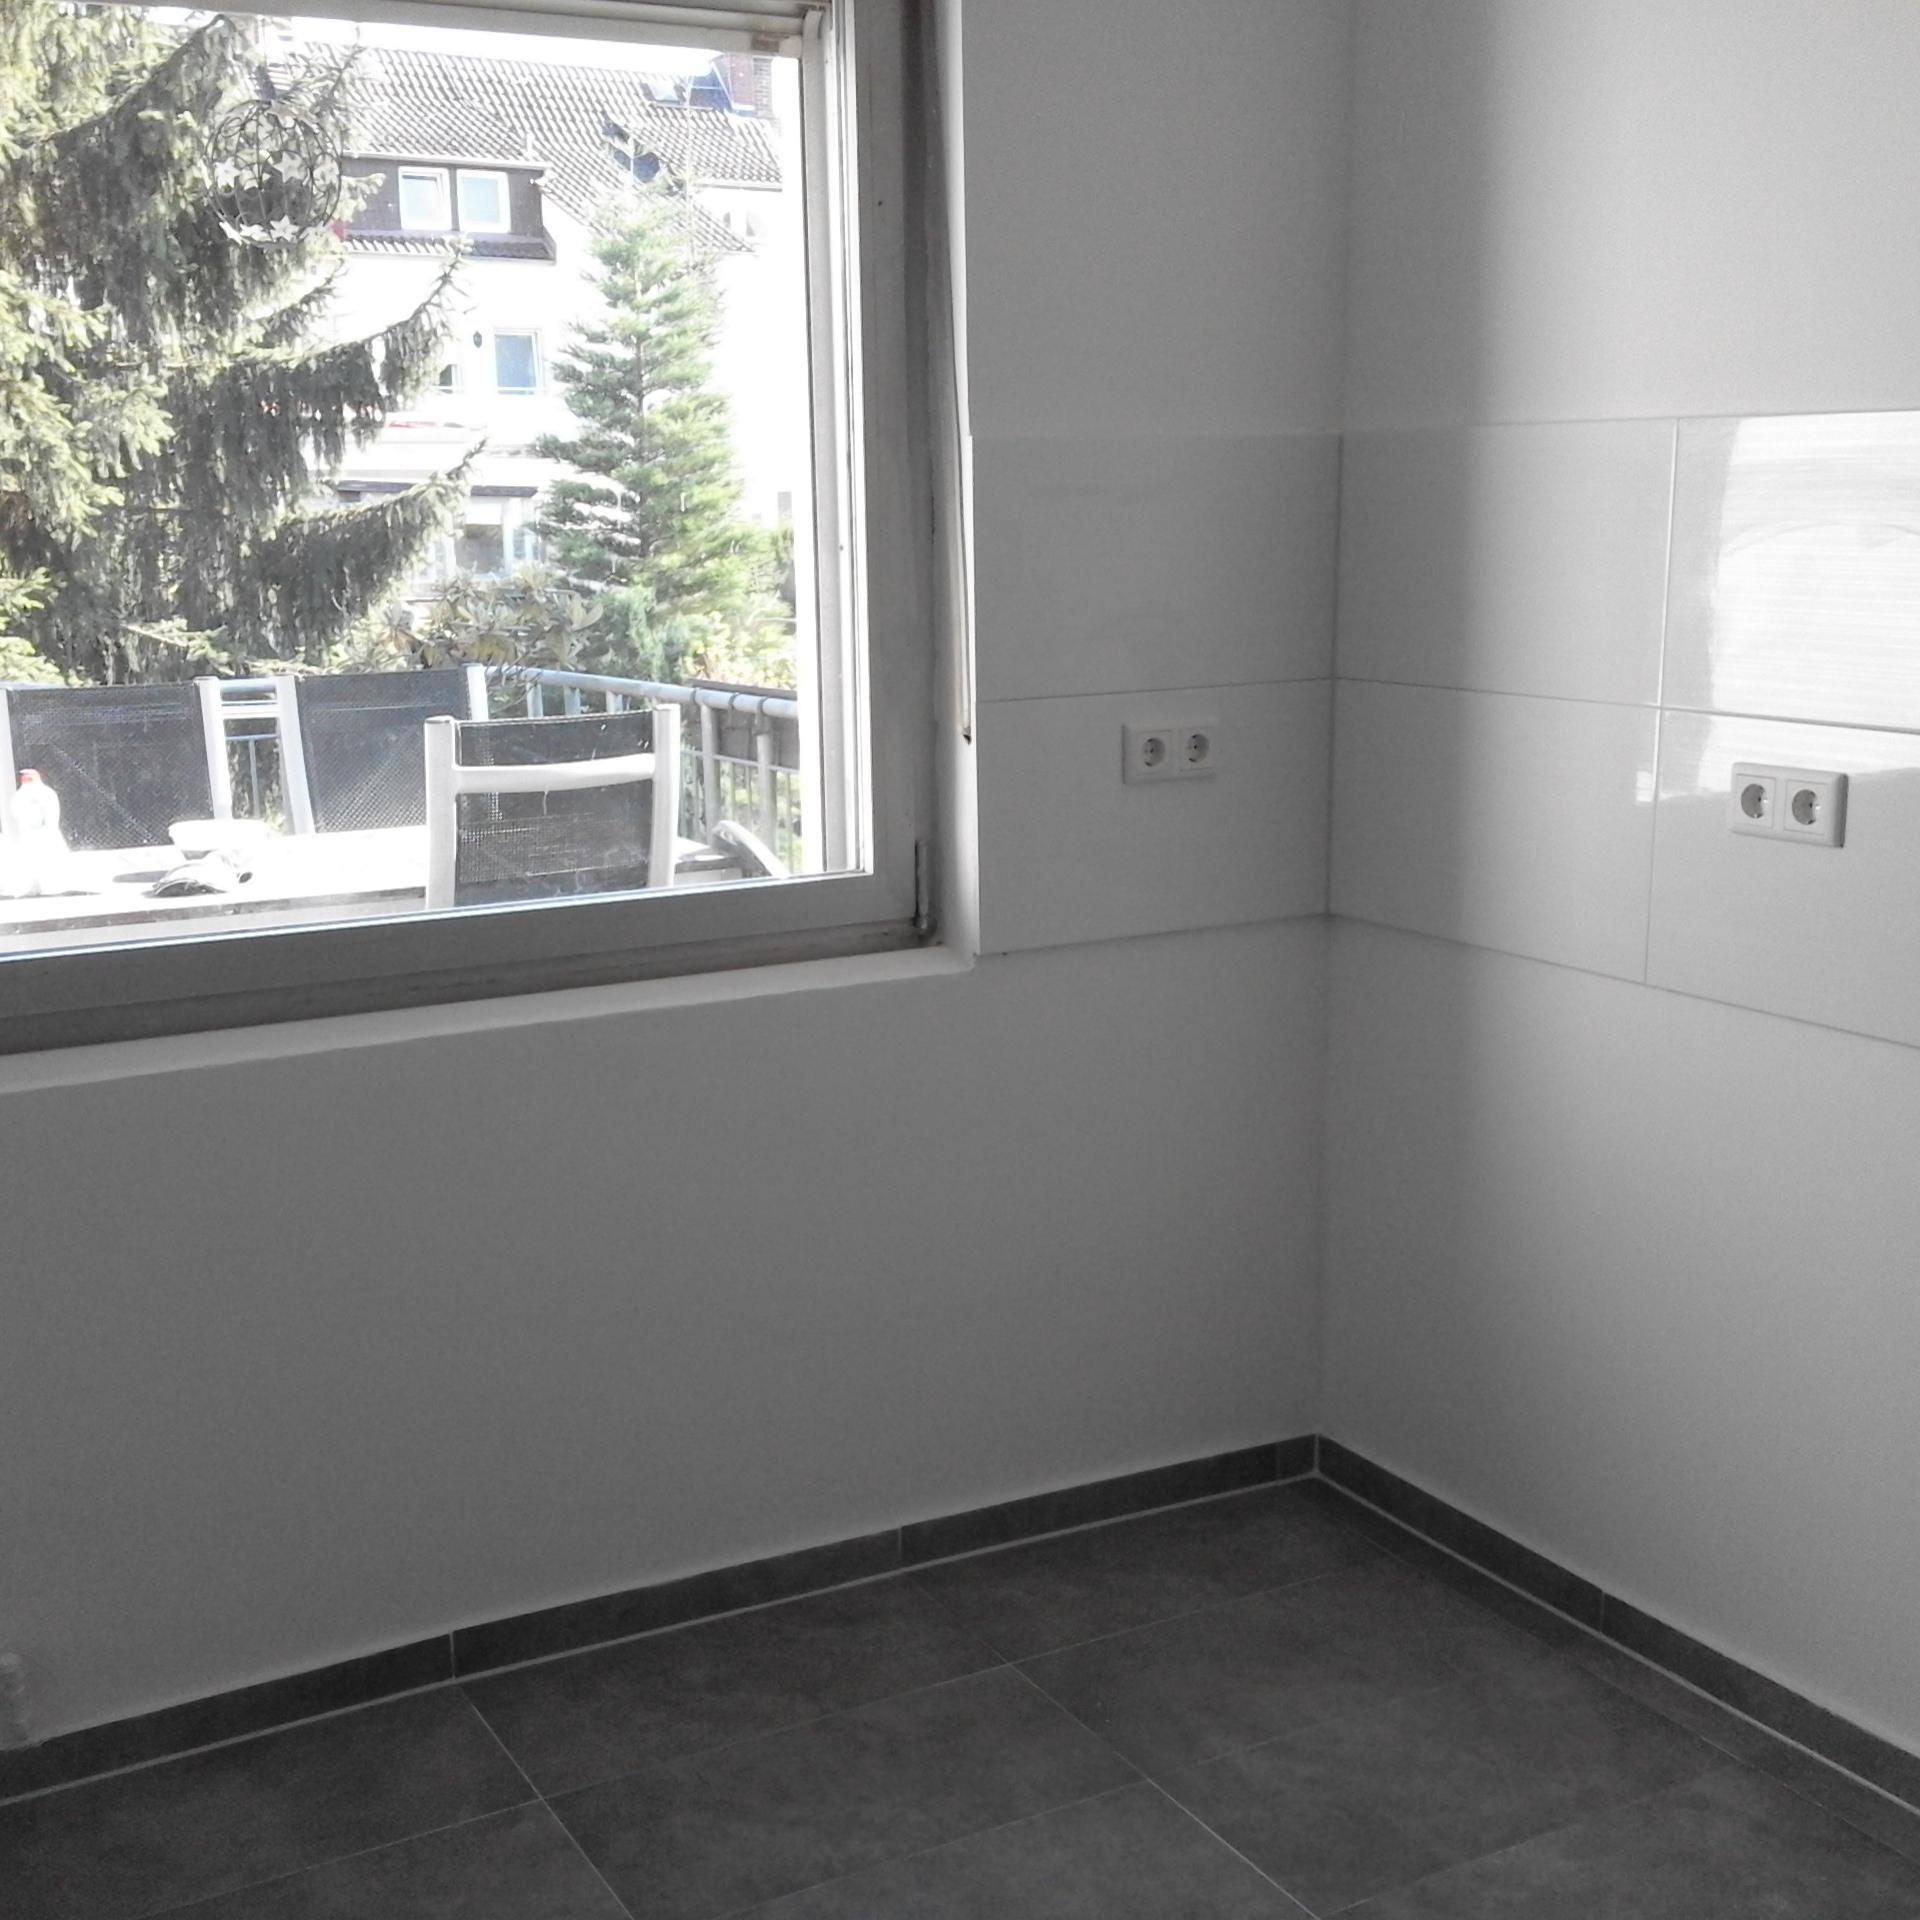 Decke Styroporplatten Schnell Sauber Preiswert: Wohnung